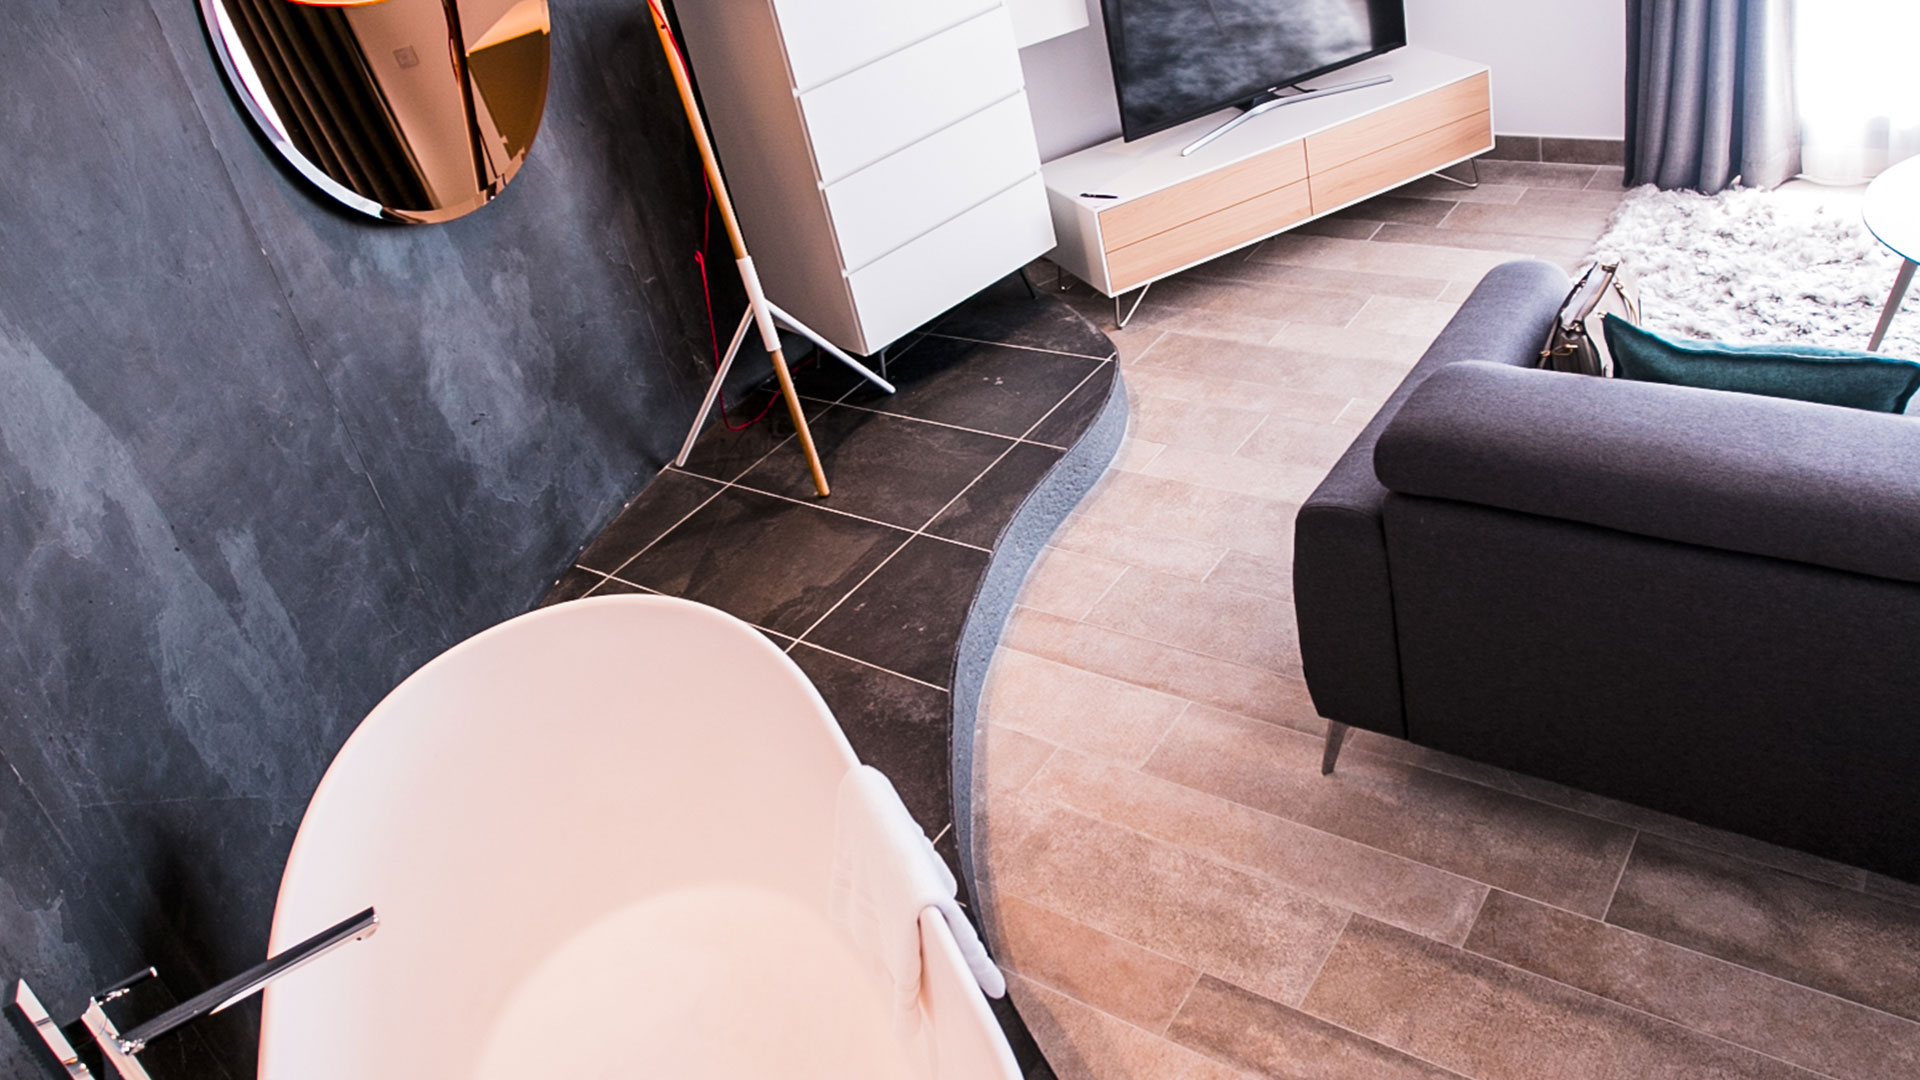 Suite La Plage avec baignoire vue mer, télévision et canapé à proximité, hôtel bord de mer méditerranée, Hôtel La Plage.